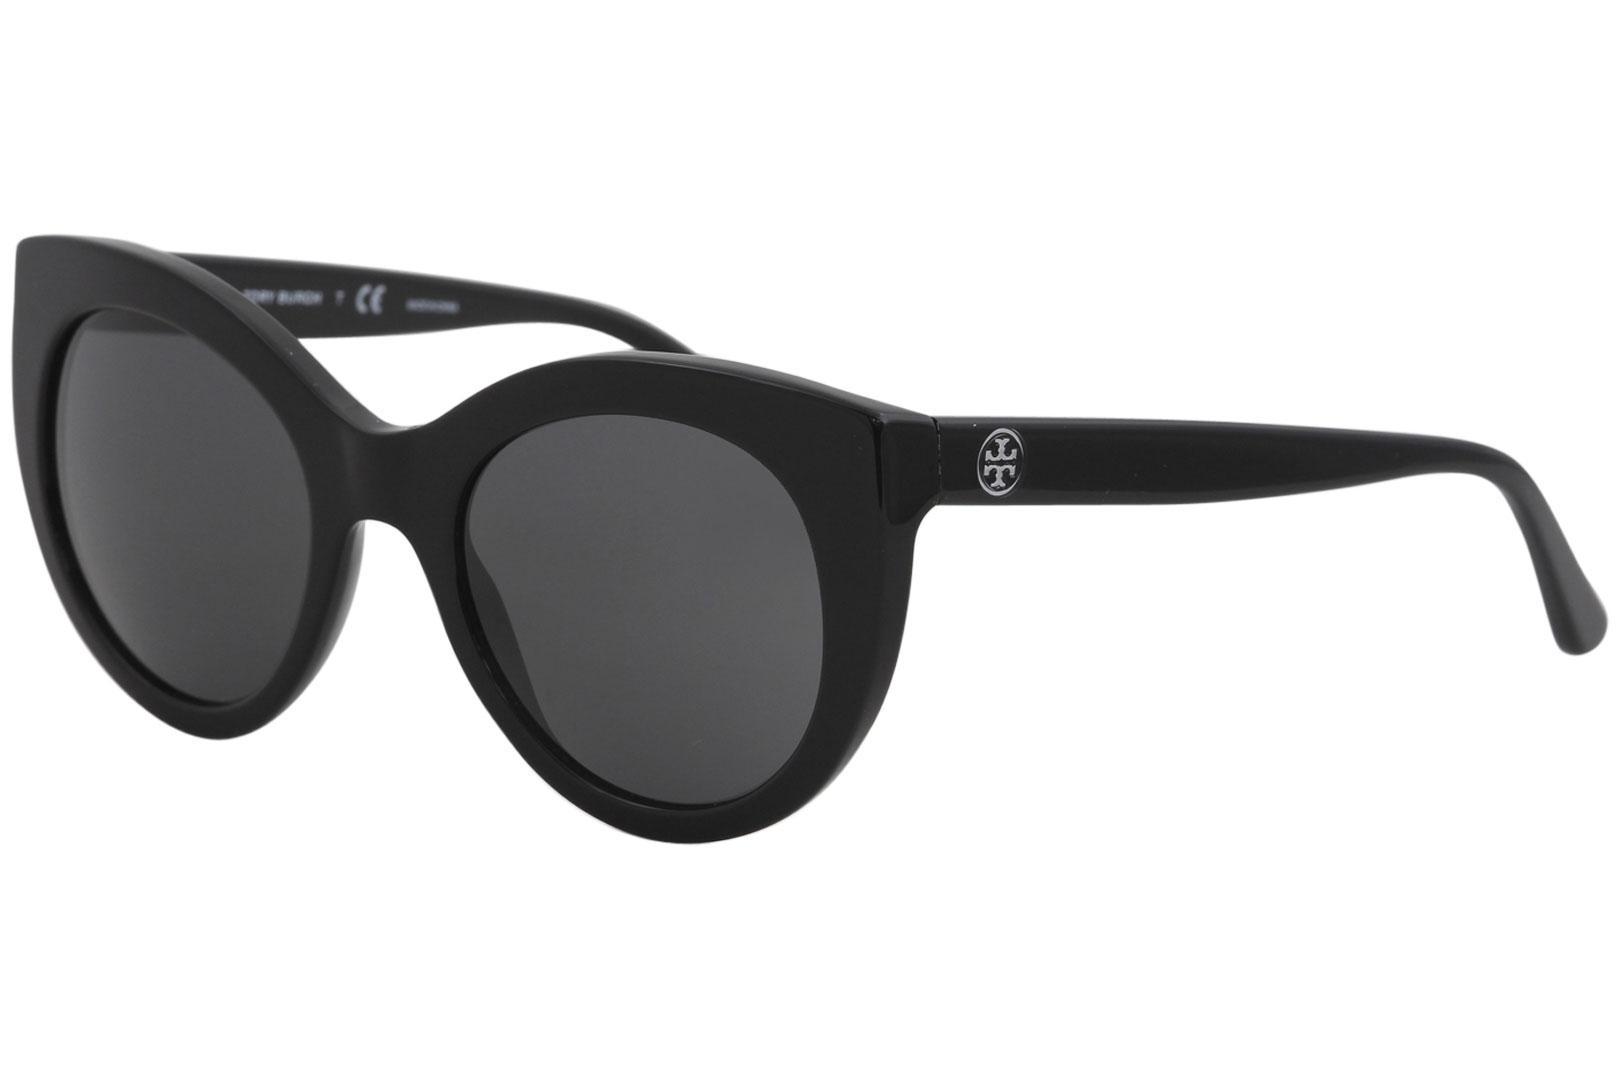 e65e7089d495 Tory Burch Women's TY7115 TY/7115 Fashion Cat Eye Sunglasses